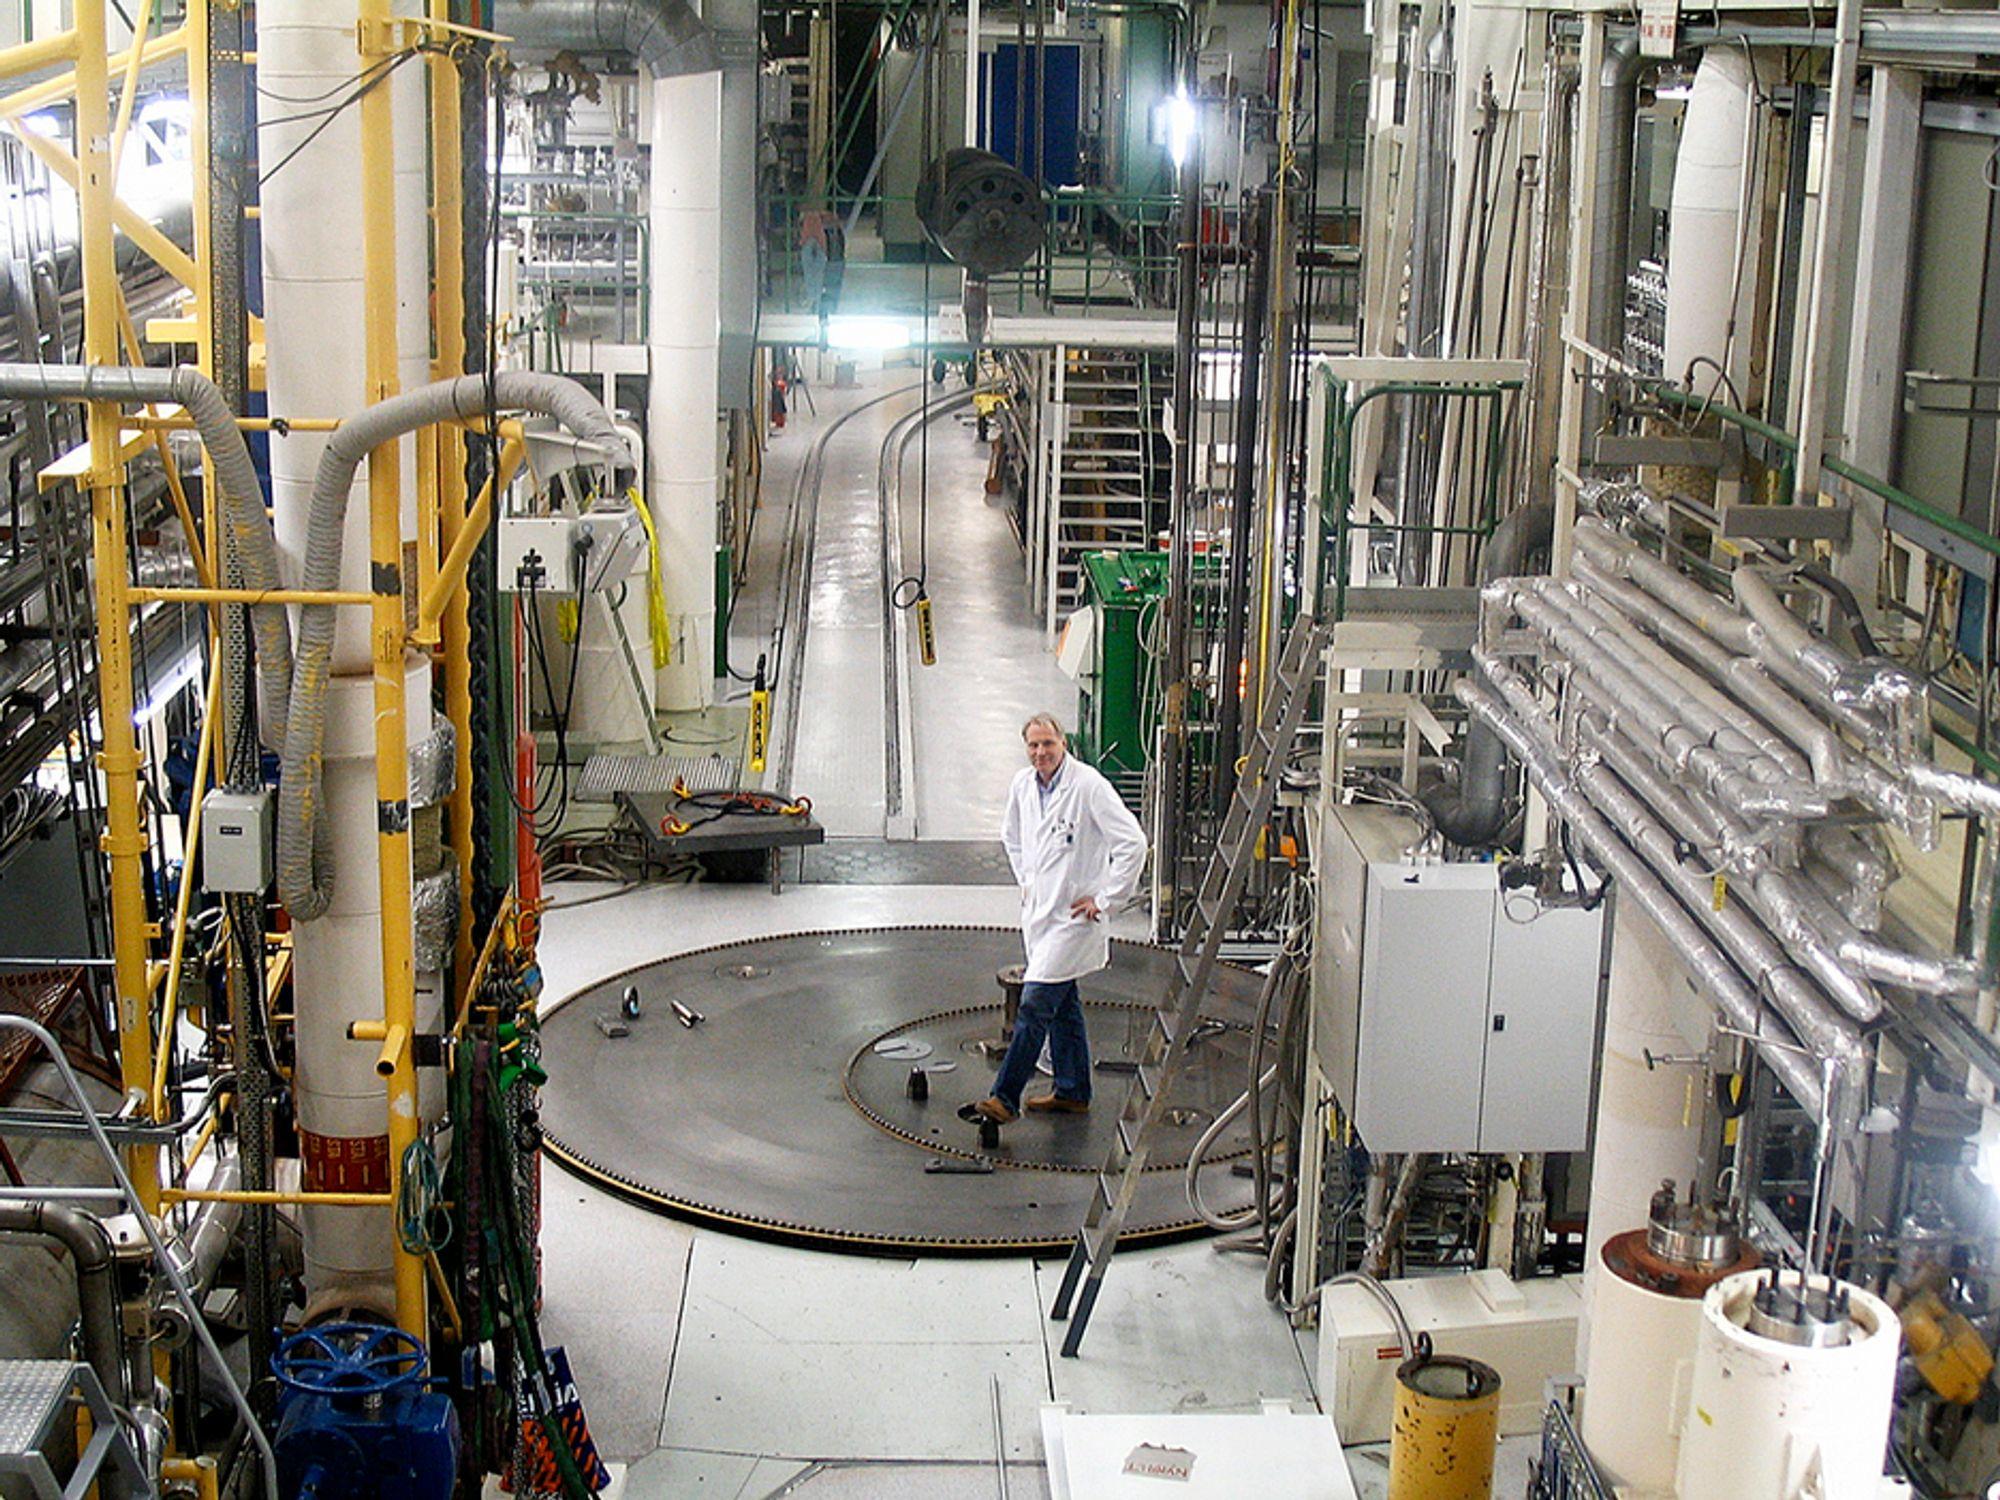 STRIDENS KJERNE: Mye av det brukte atombrenselet i Halden er gammelt og består av såkalt metallisk uran fra reaktorens første kjerne. Dette uranet løser seg lettere opp i kontakt med vann enn mer moderne reaktorbrensel (UO2), og må stabiliseres. Hvordan er fortsatt ikke avklart.